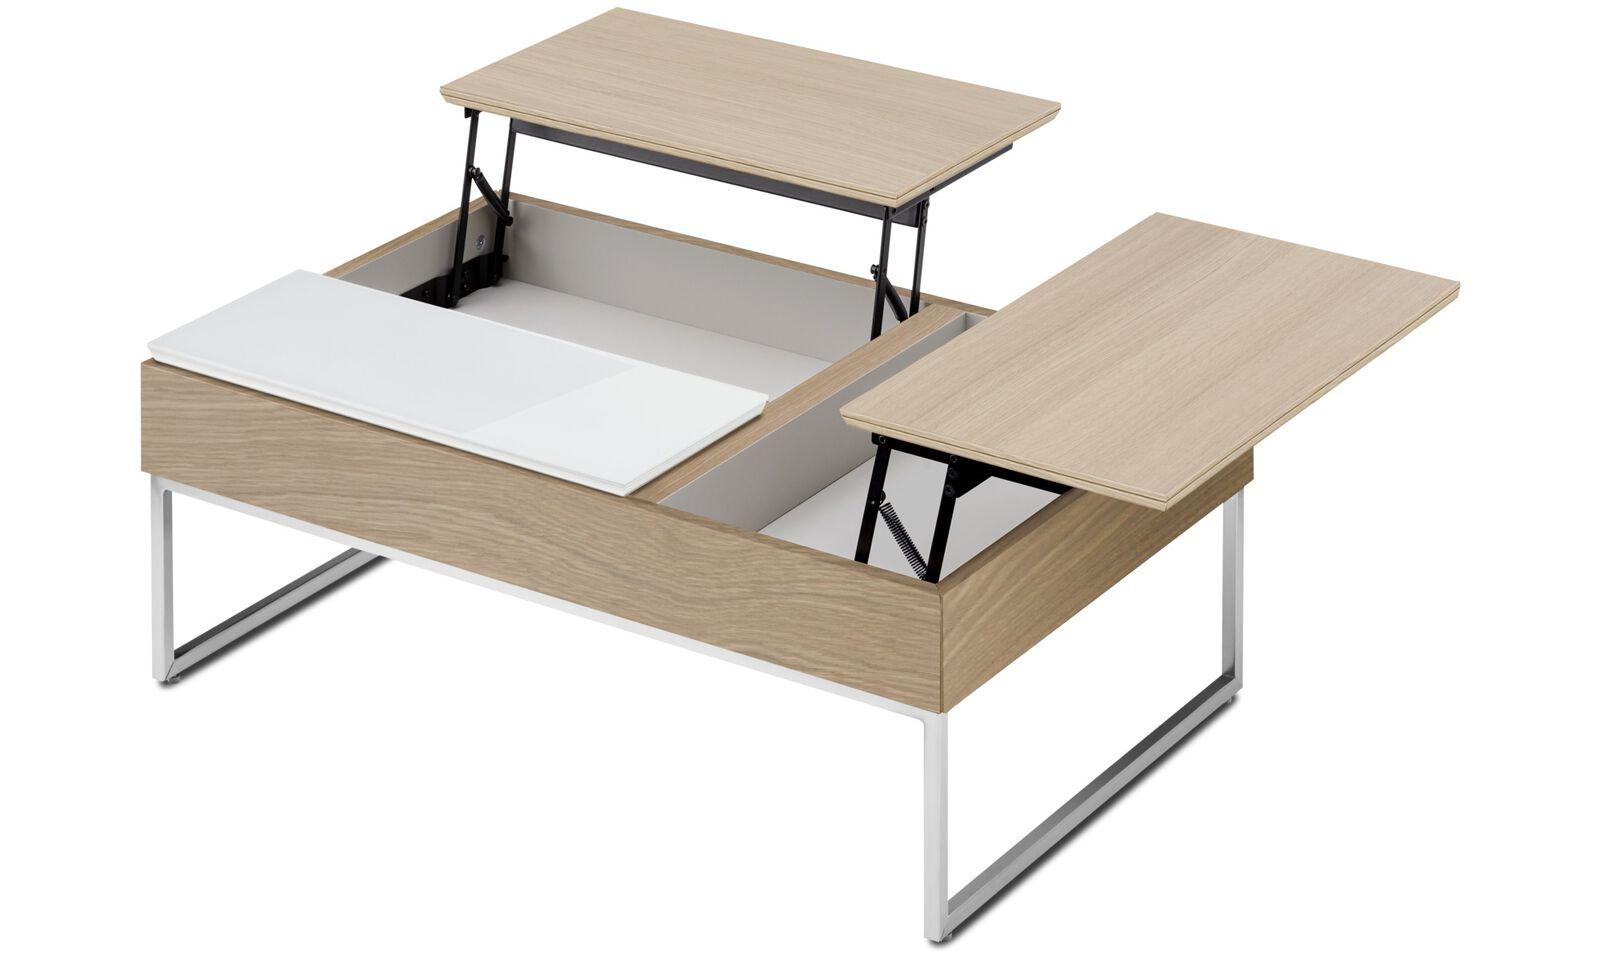 ボーコンセプト コーヒーテーブル 収納付き 高さ変更